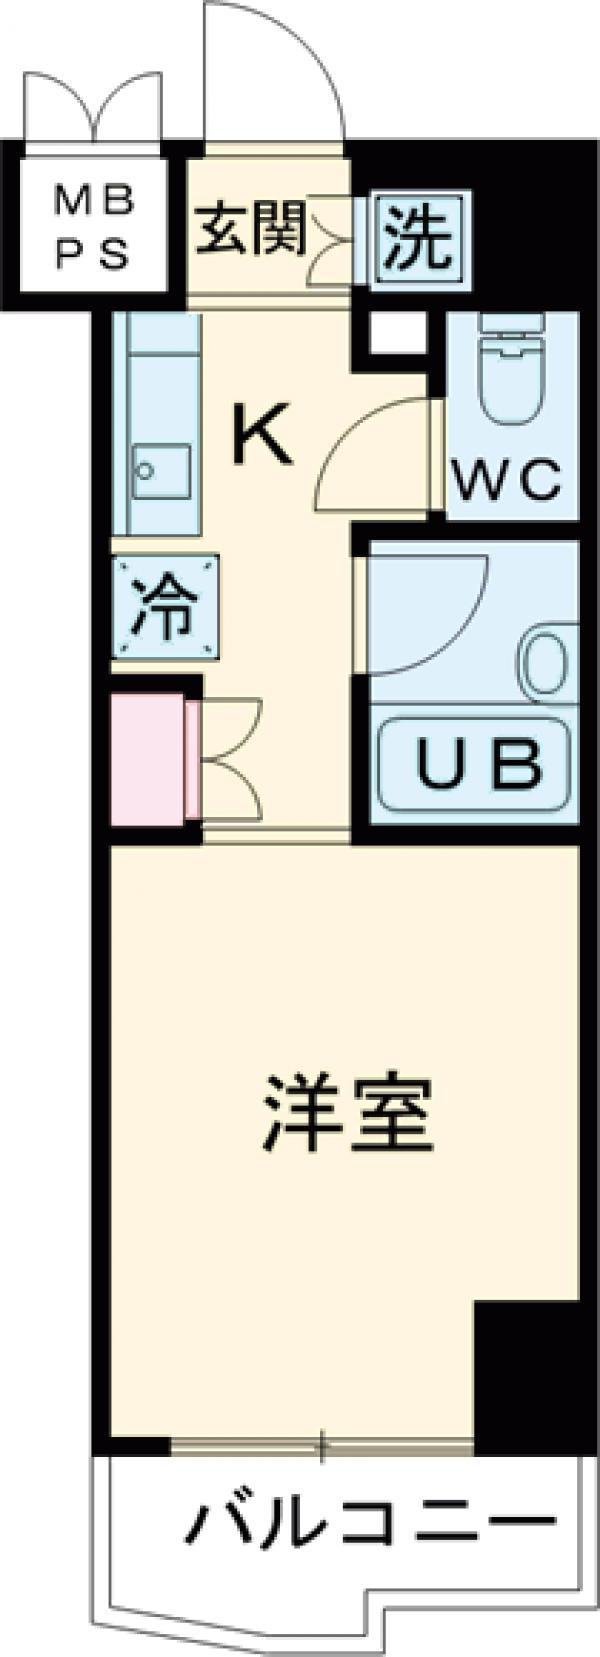 ルーブル大井町弐番館・802号室の間取り